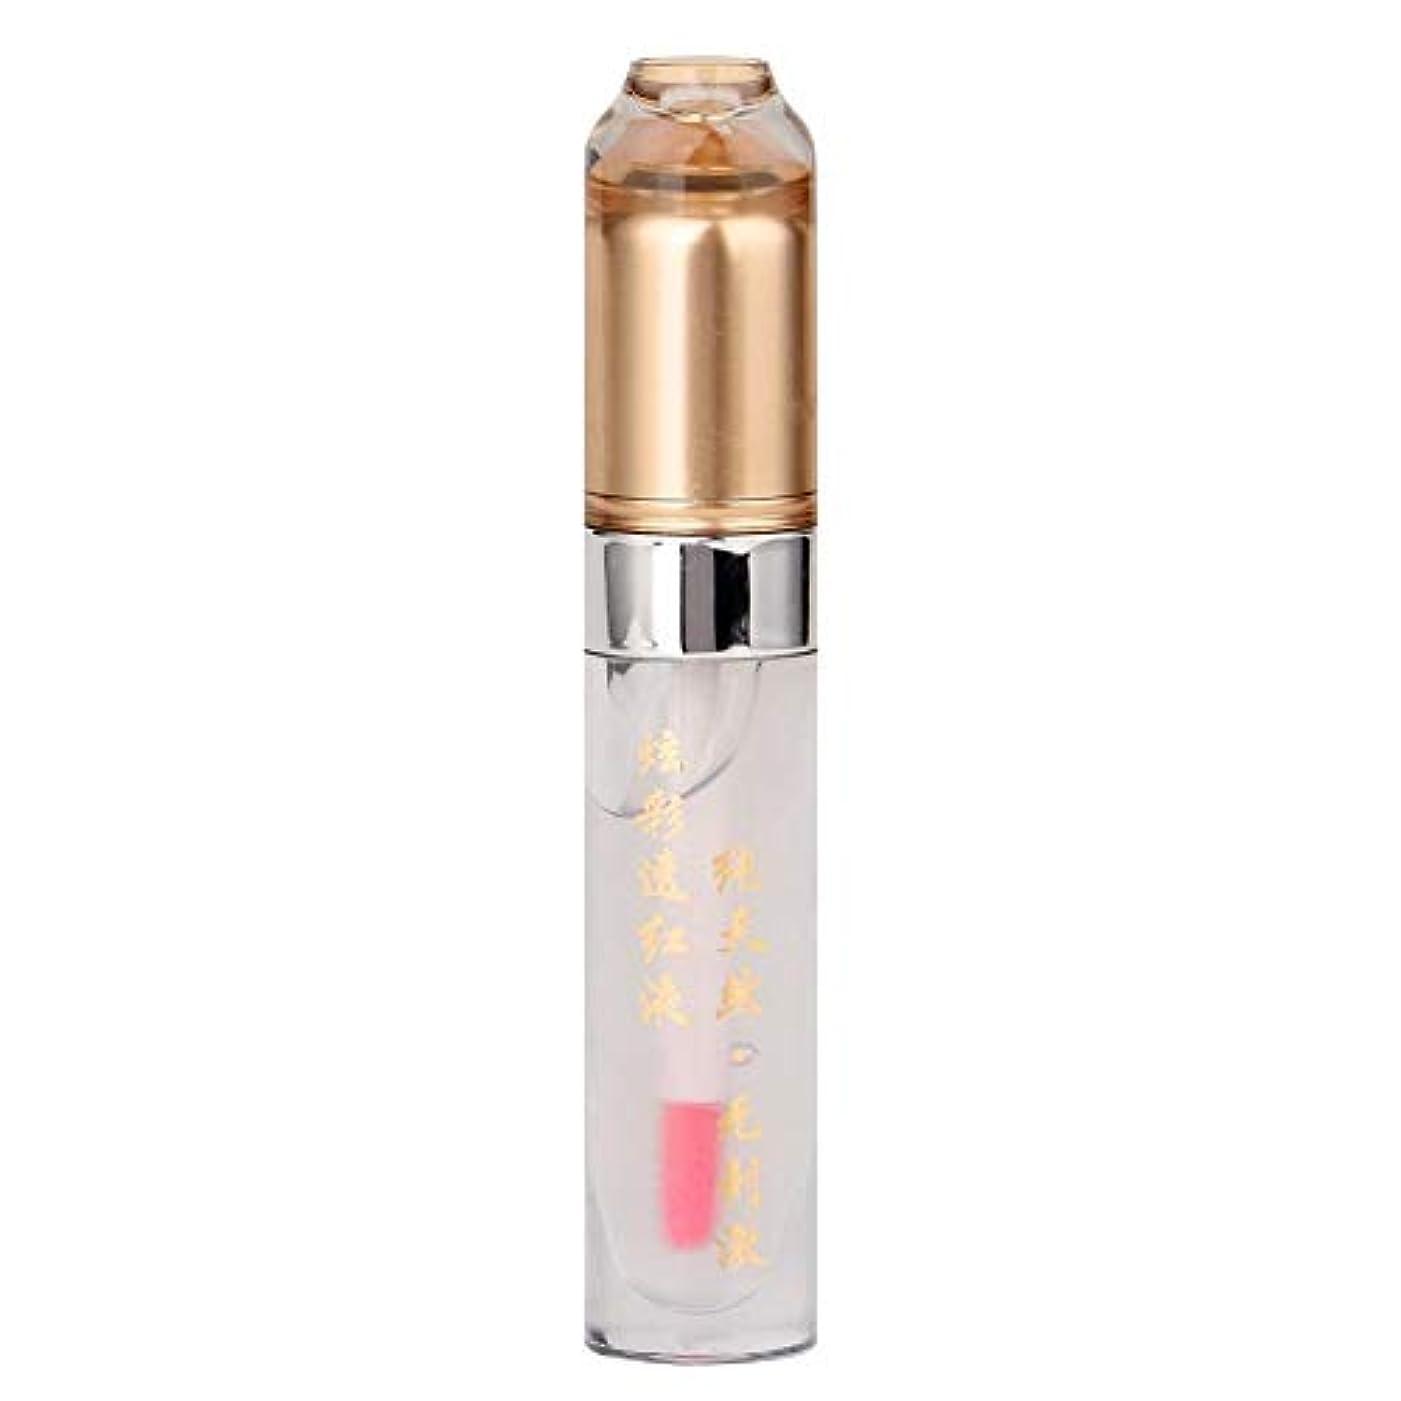 交換ムスタチオムスタチオ温度変化口紅、唇、乳首、乳輪およびその他の部品のためのピンクのゲル温度変色保湿口紅